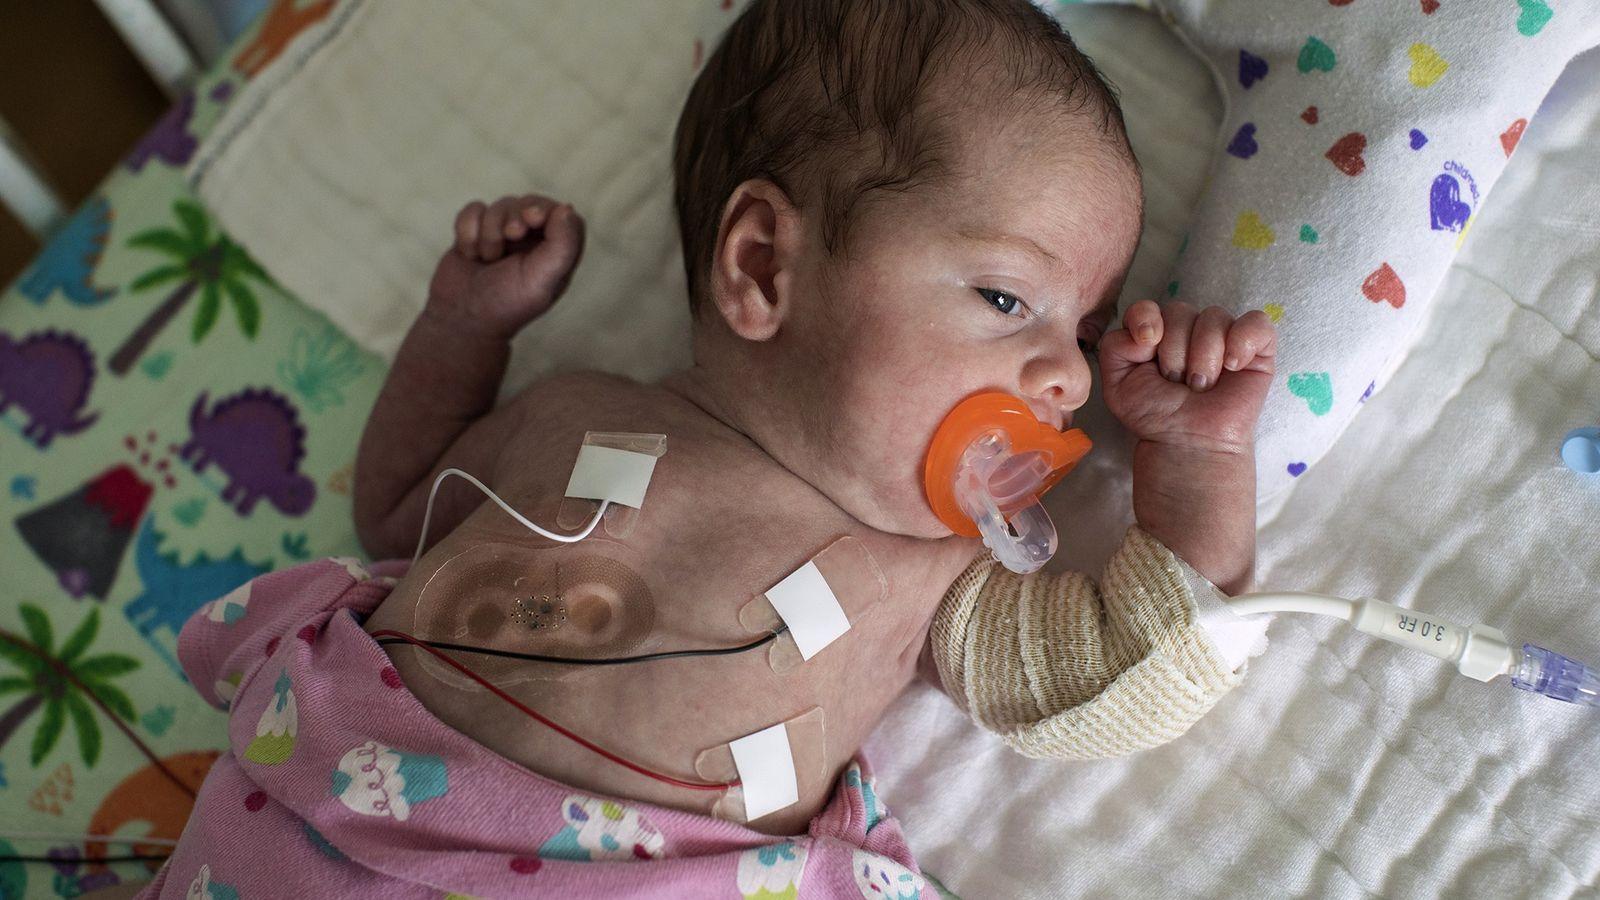 Riley, bebé prematura, à máquina que lhe mede os sinais vitais, na unidade de cuidados ...